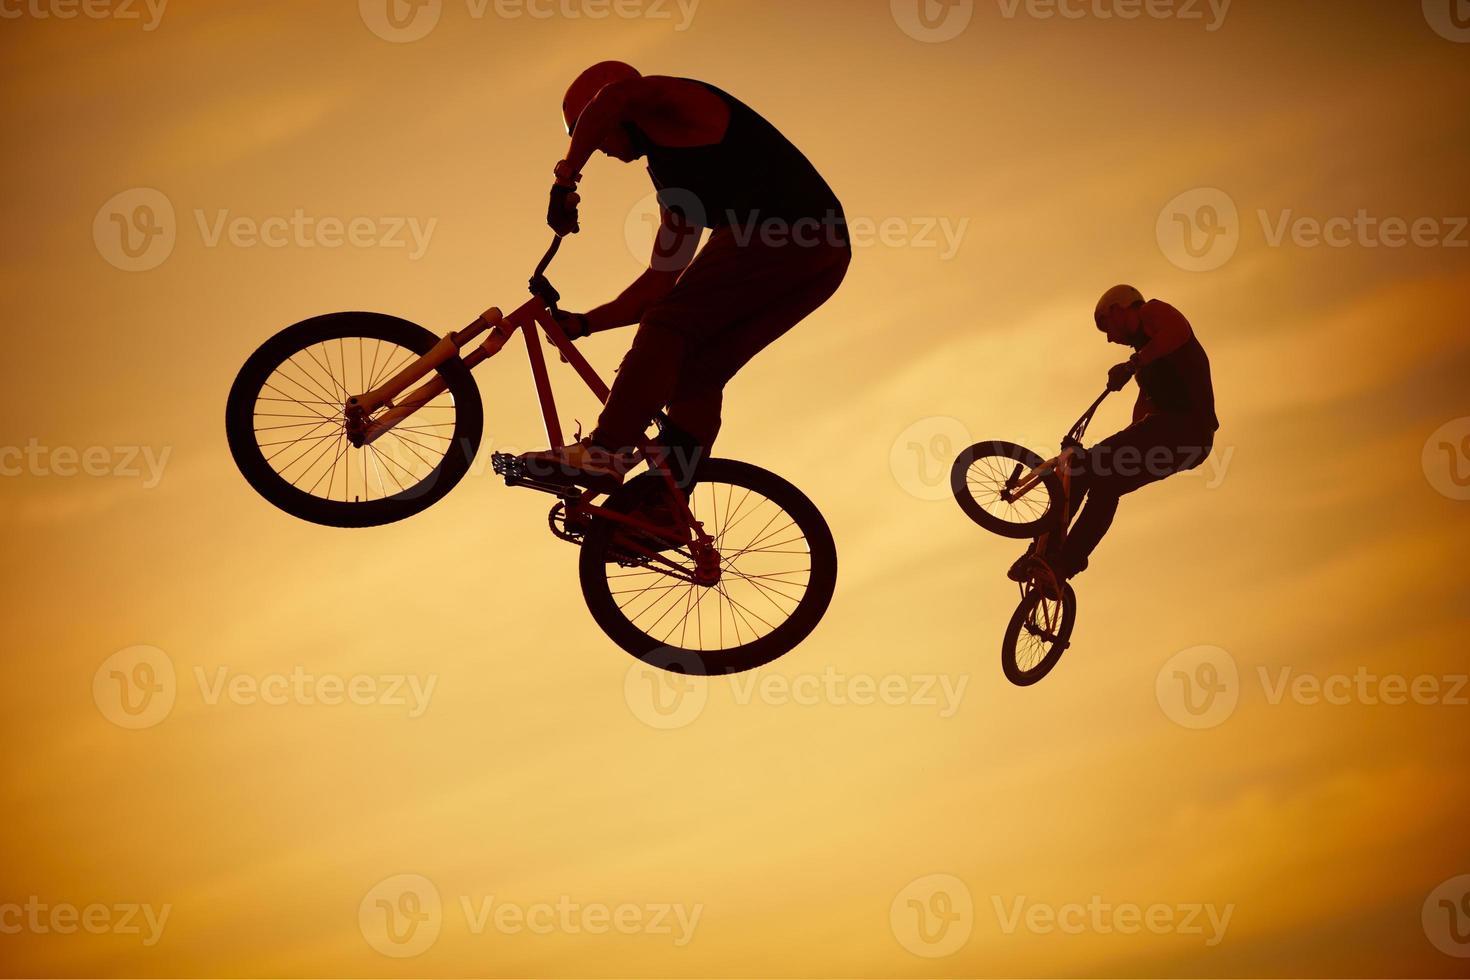 dois homens realizando truques de bmx em suas bicicletas no ar foto